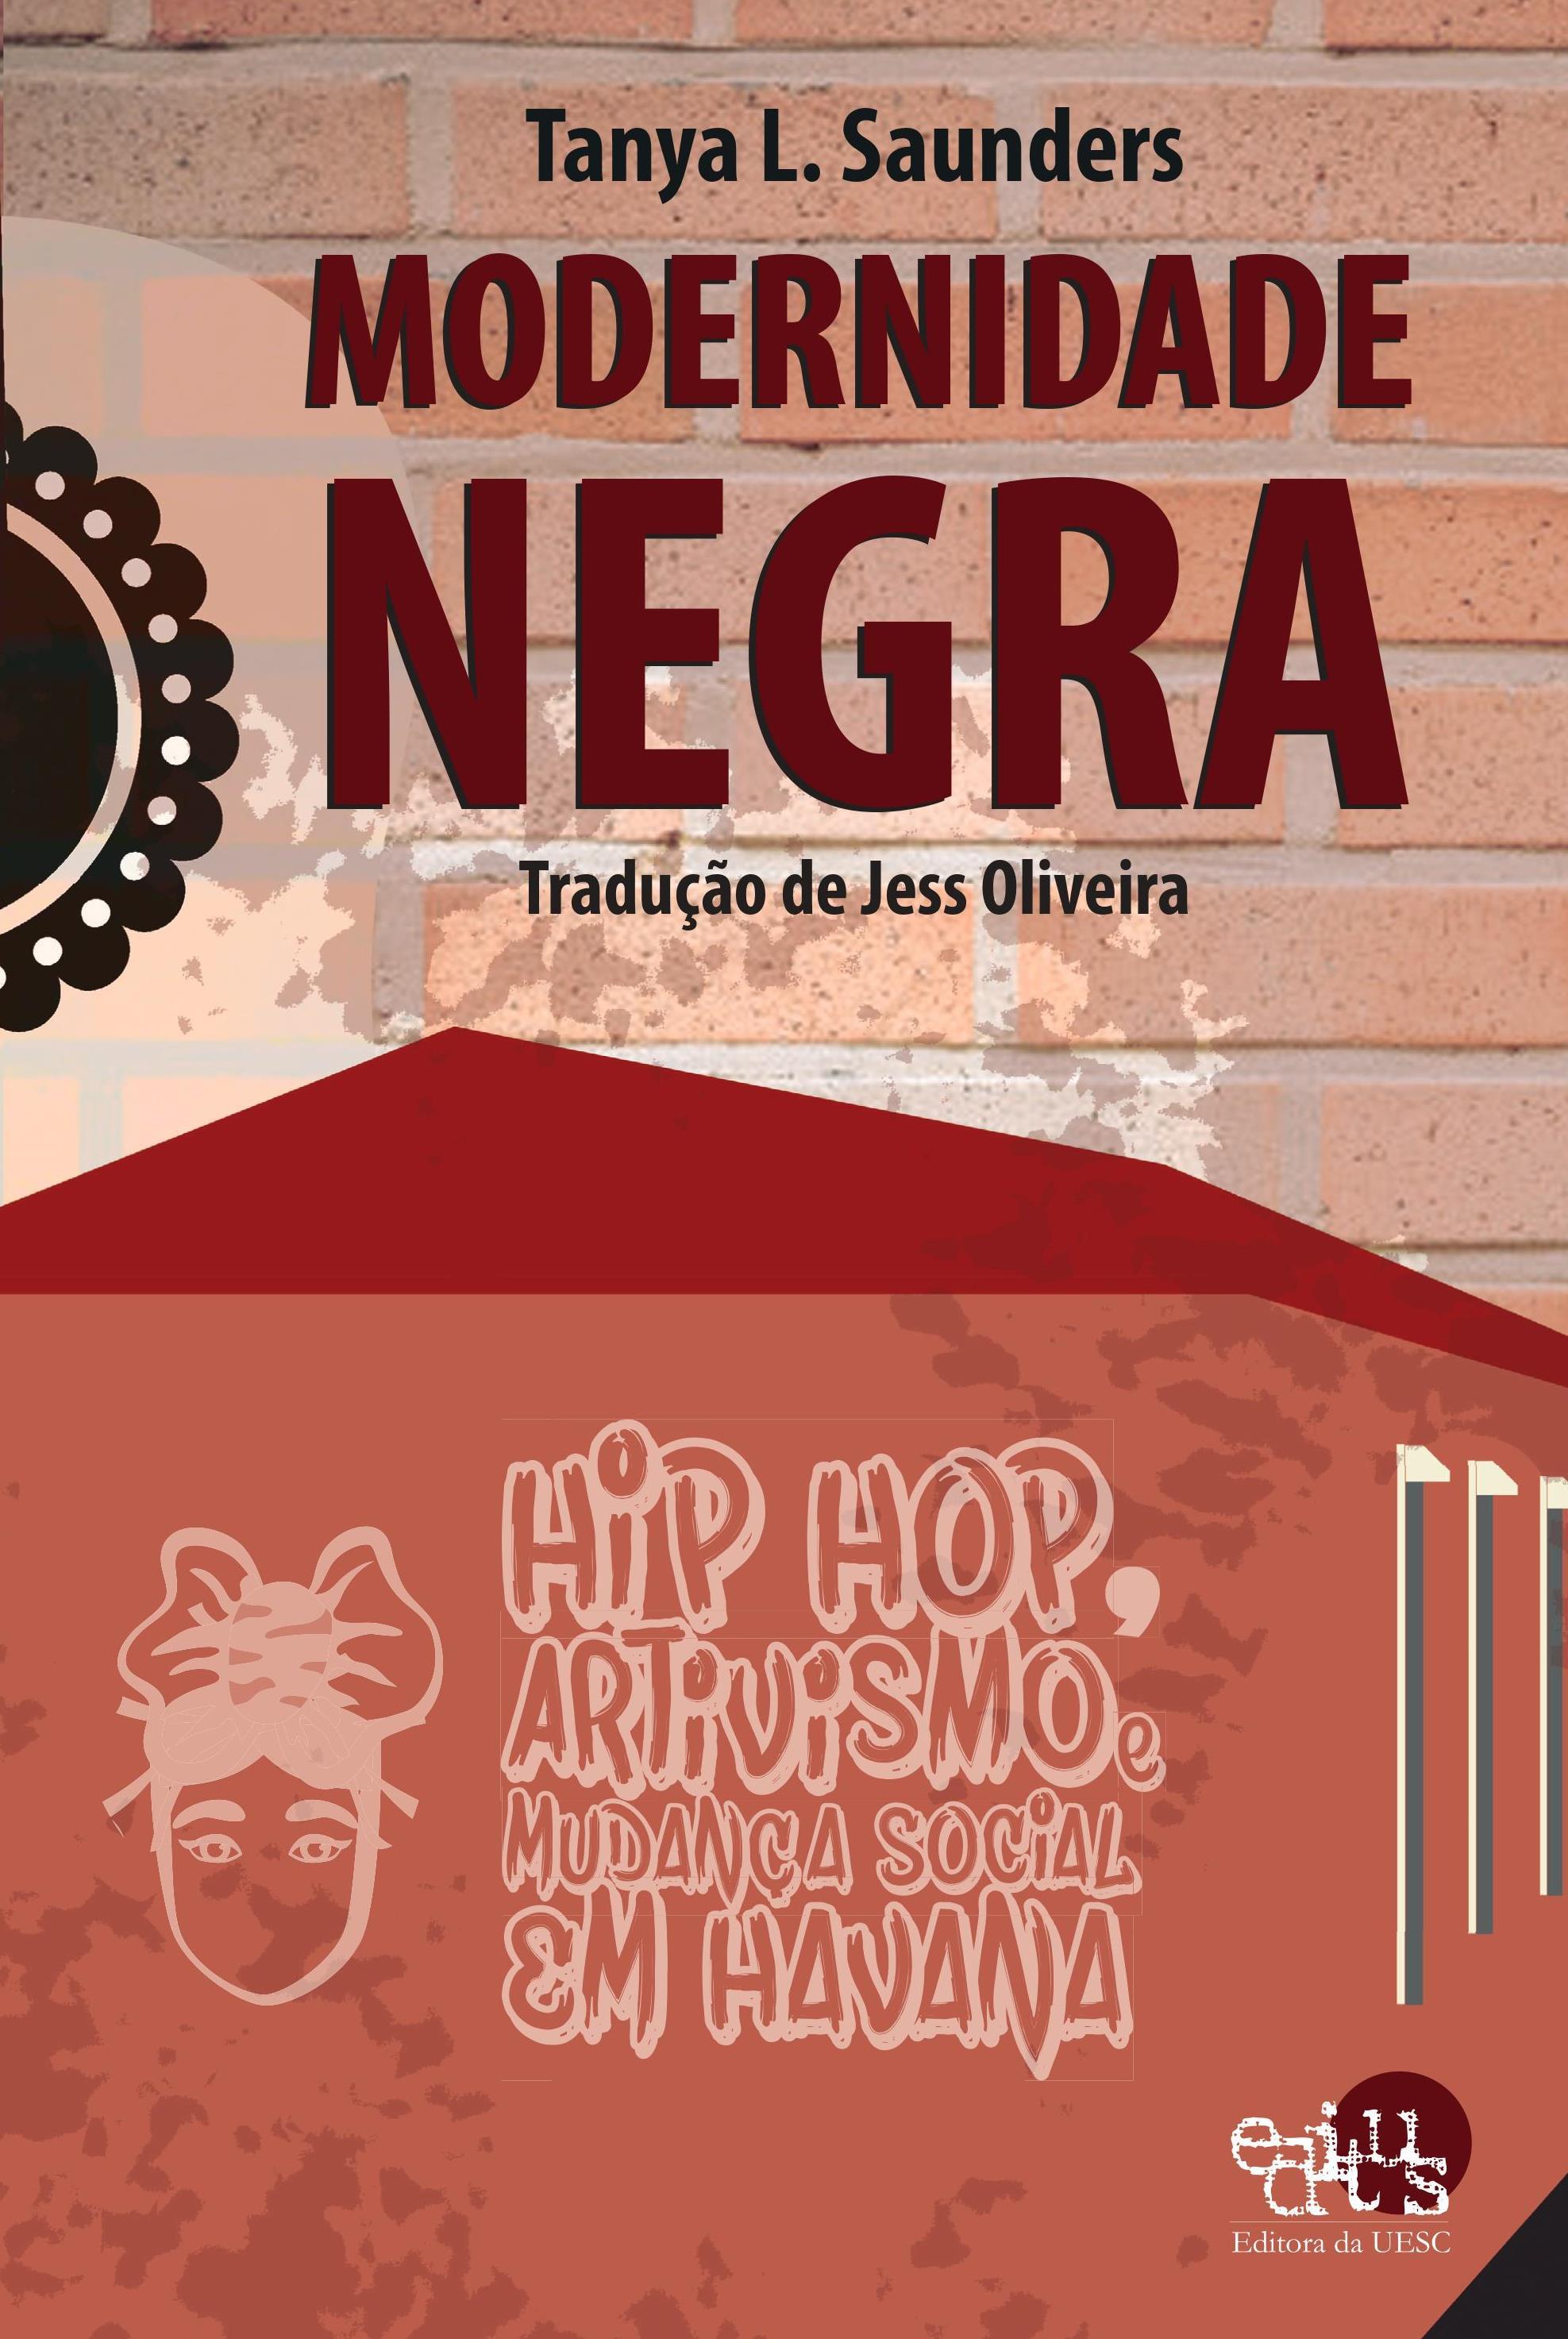 Modernidade negra. Hip hop, artivismo, e mudança social em Havana, livro de Tanya L. Saunders